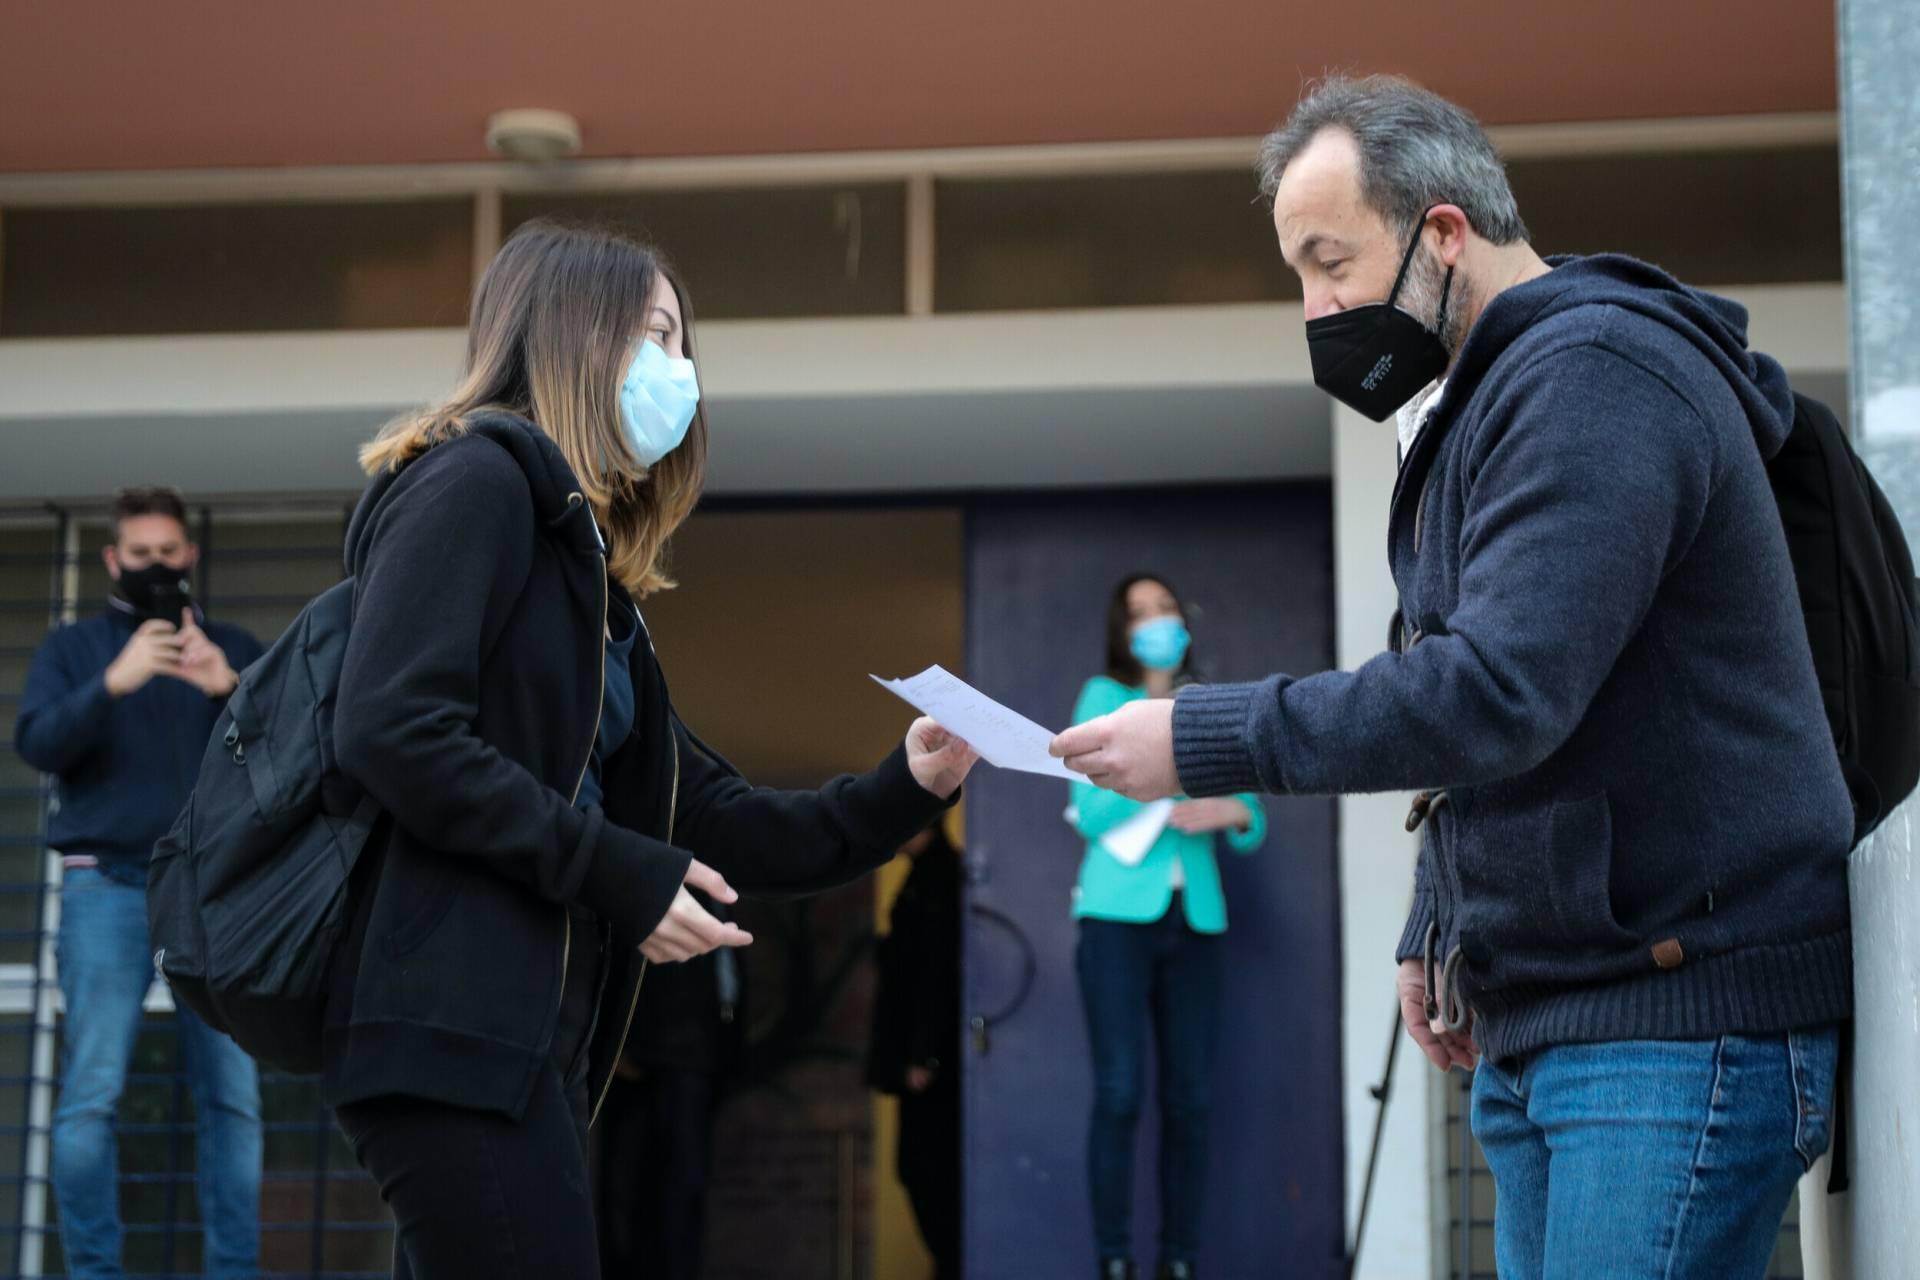 Πανελλαδικές: Ξεκινούν αύριο οι εξετάσεις -Με μάσκες για τους υποψηφίους, τι θα ισχύσει